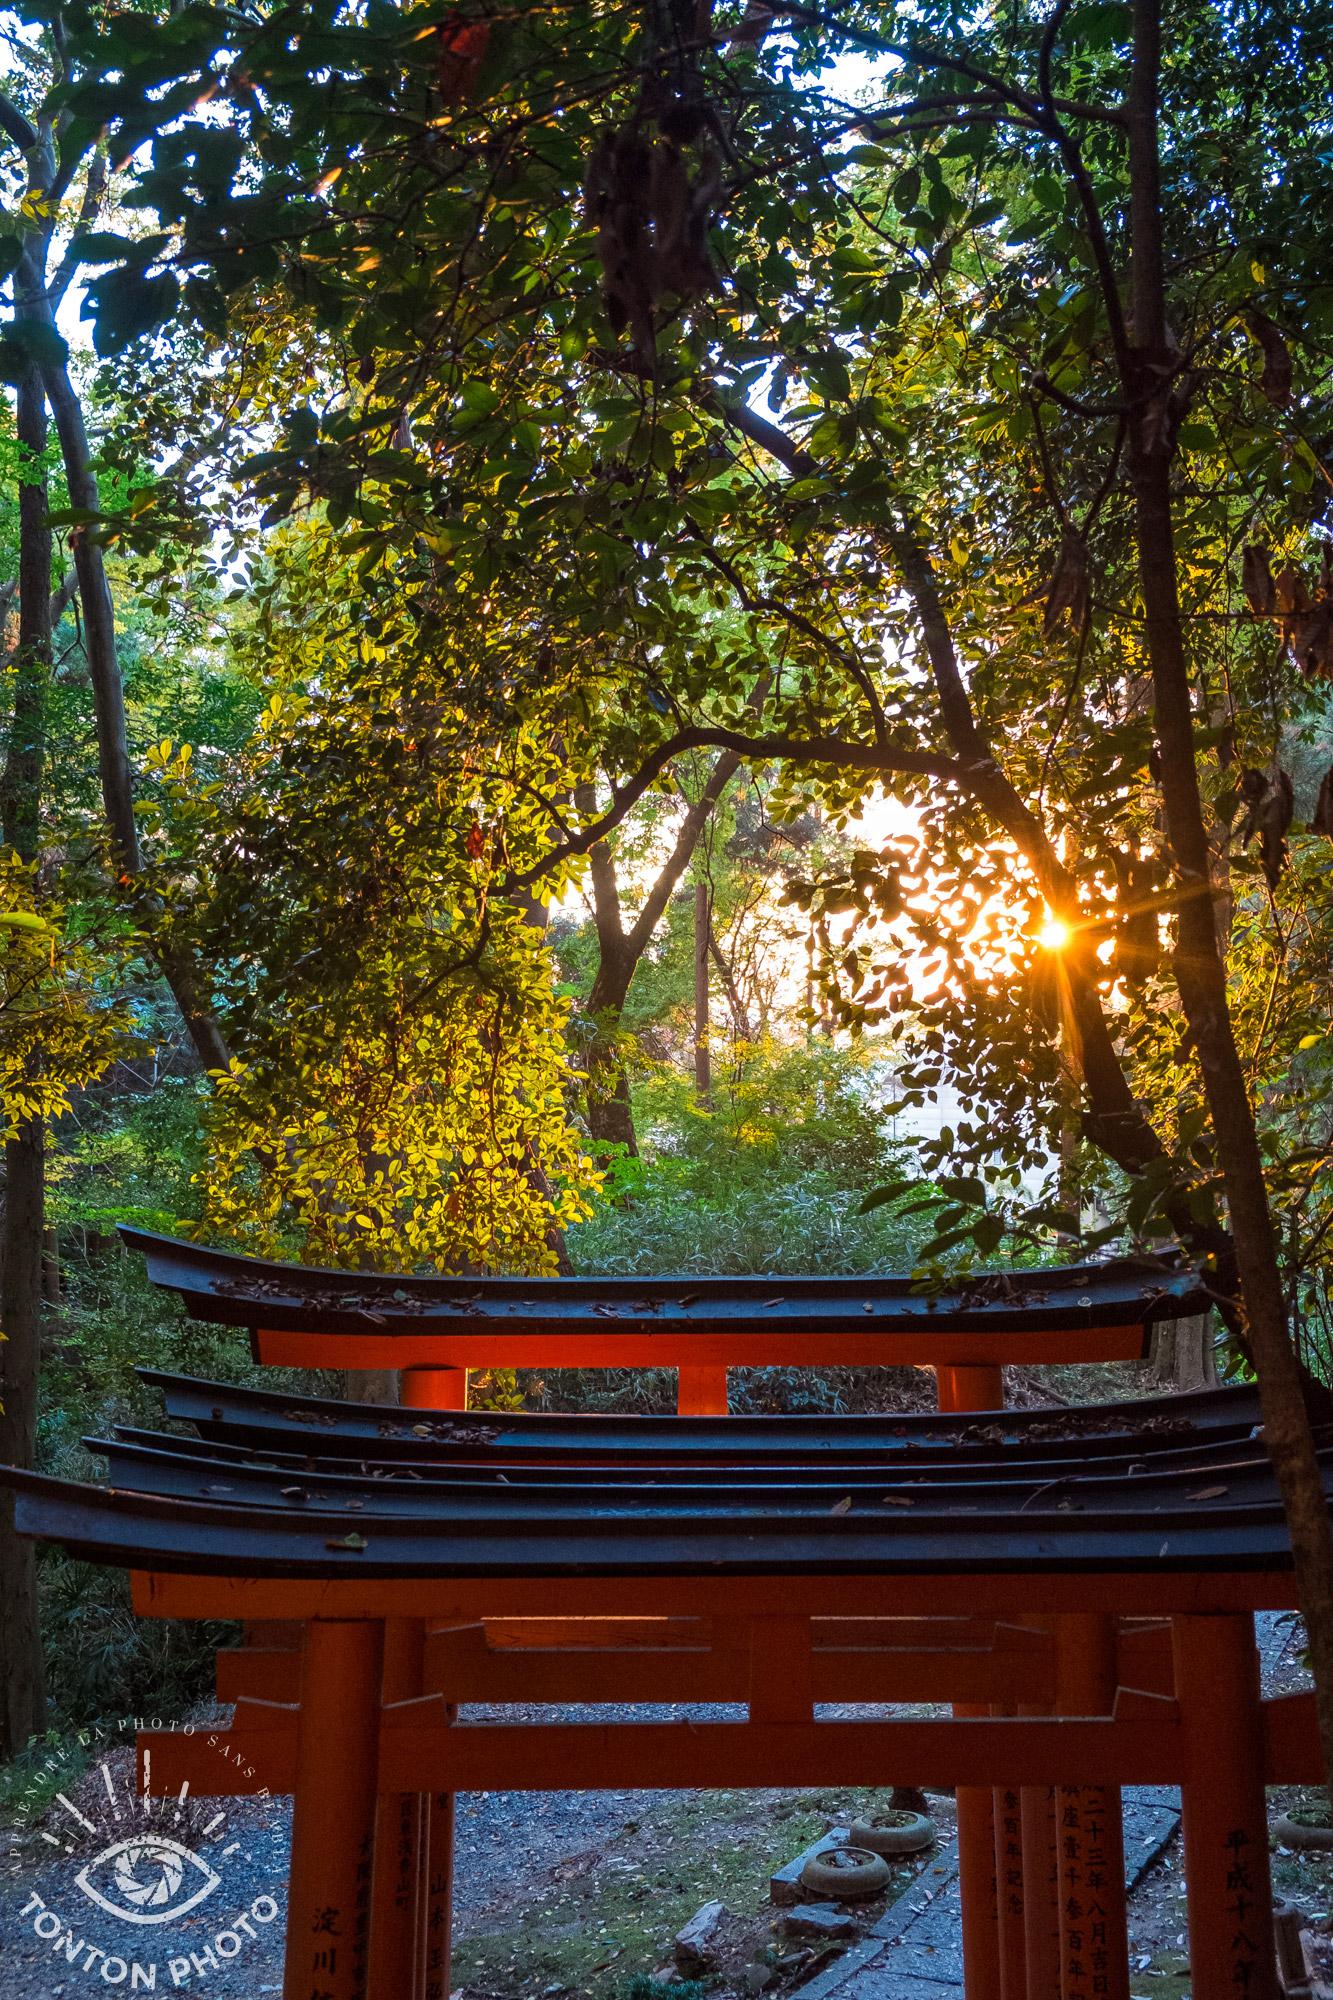 Les rayons du soleil percent la végétation. Il faut bouger l'appareil photo jusqu'à trouver la position idéale pour capturer les rayons dans l'objectif. © Tonton Photo